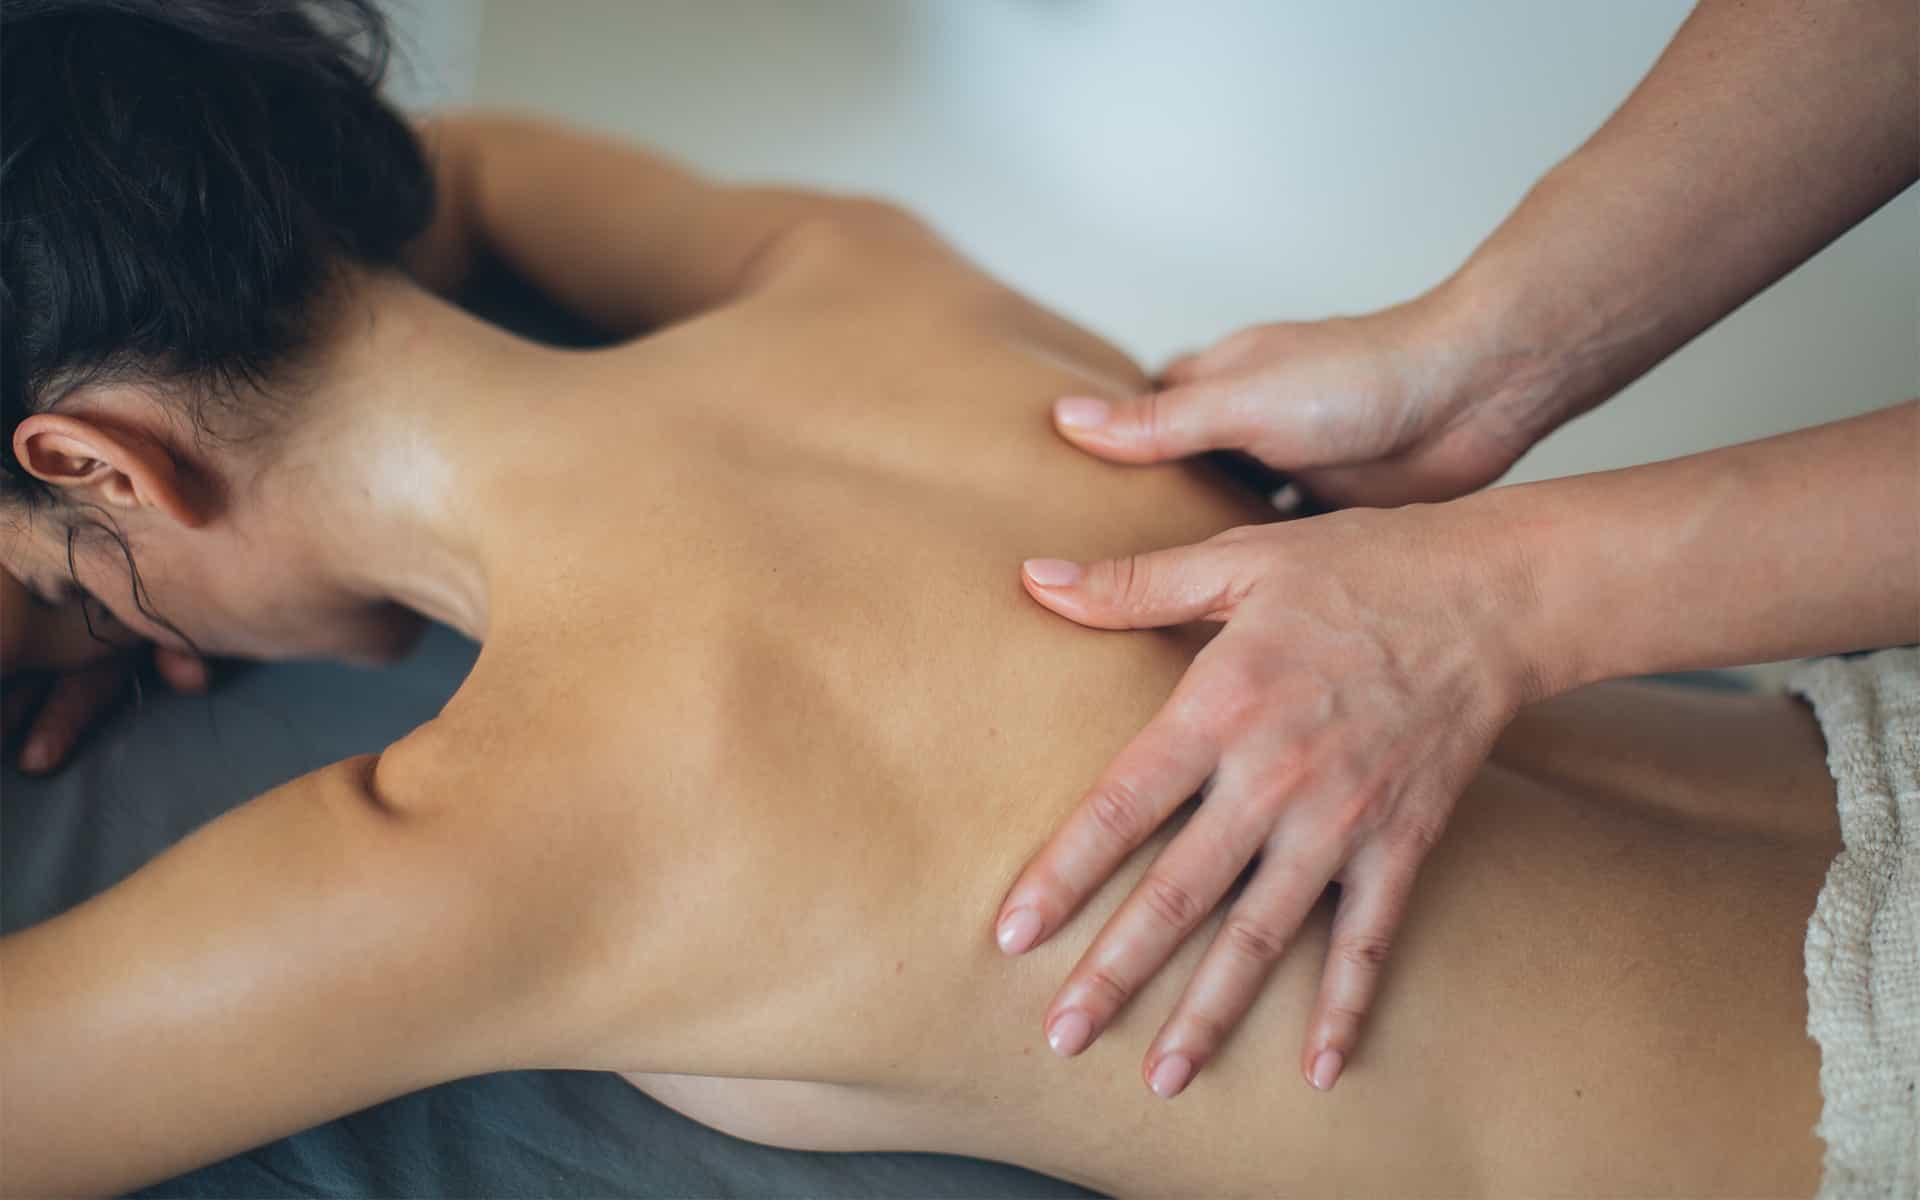 surf camp ericeira - Activities - Massages